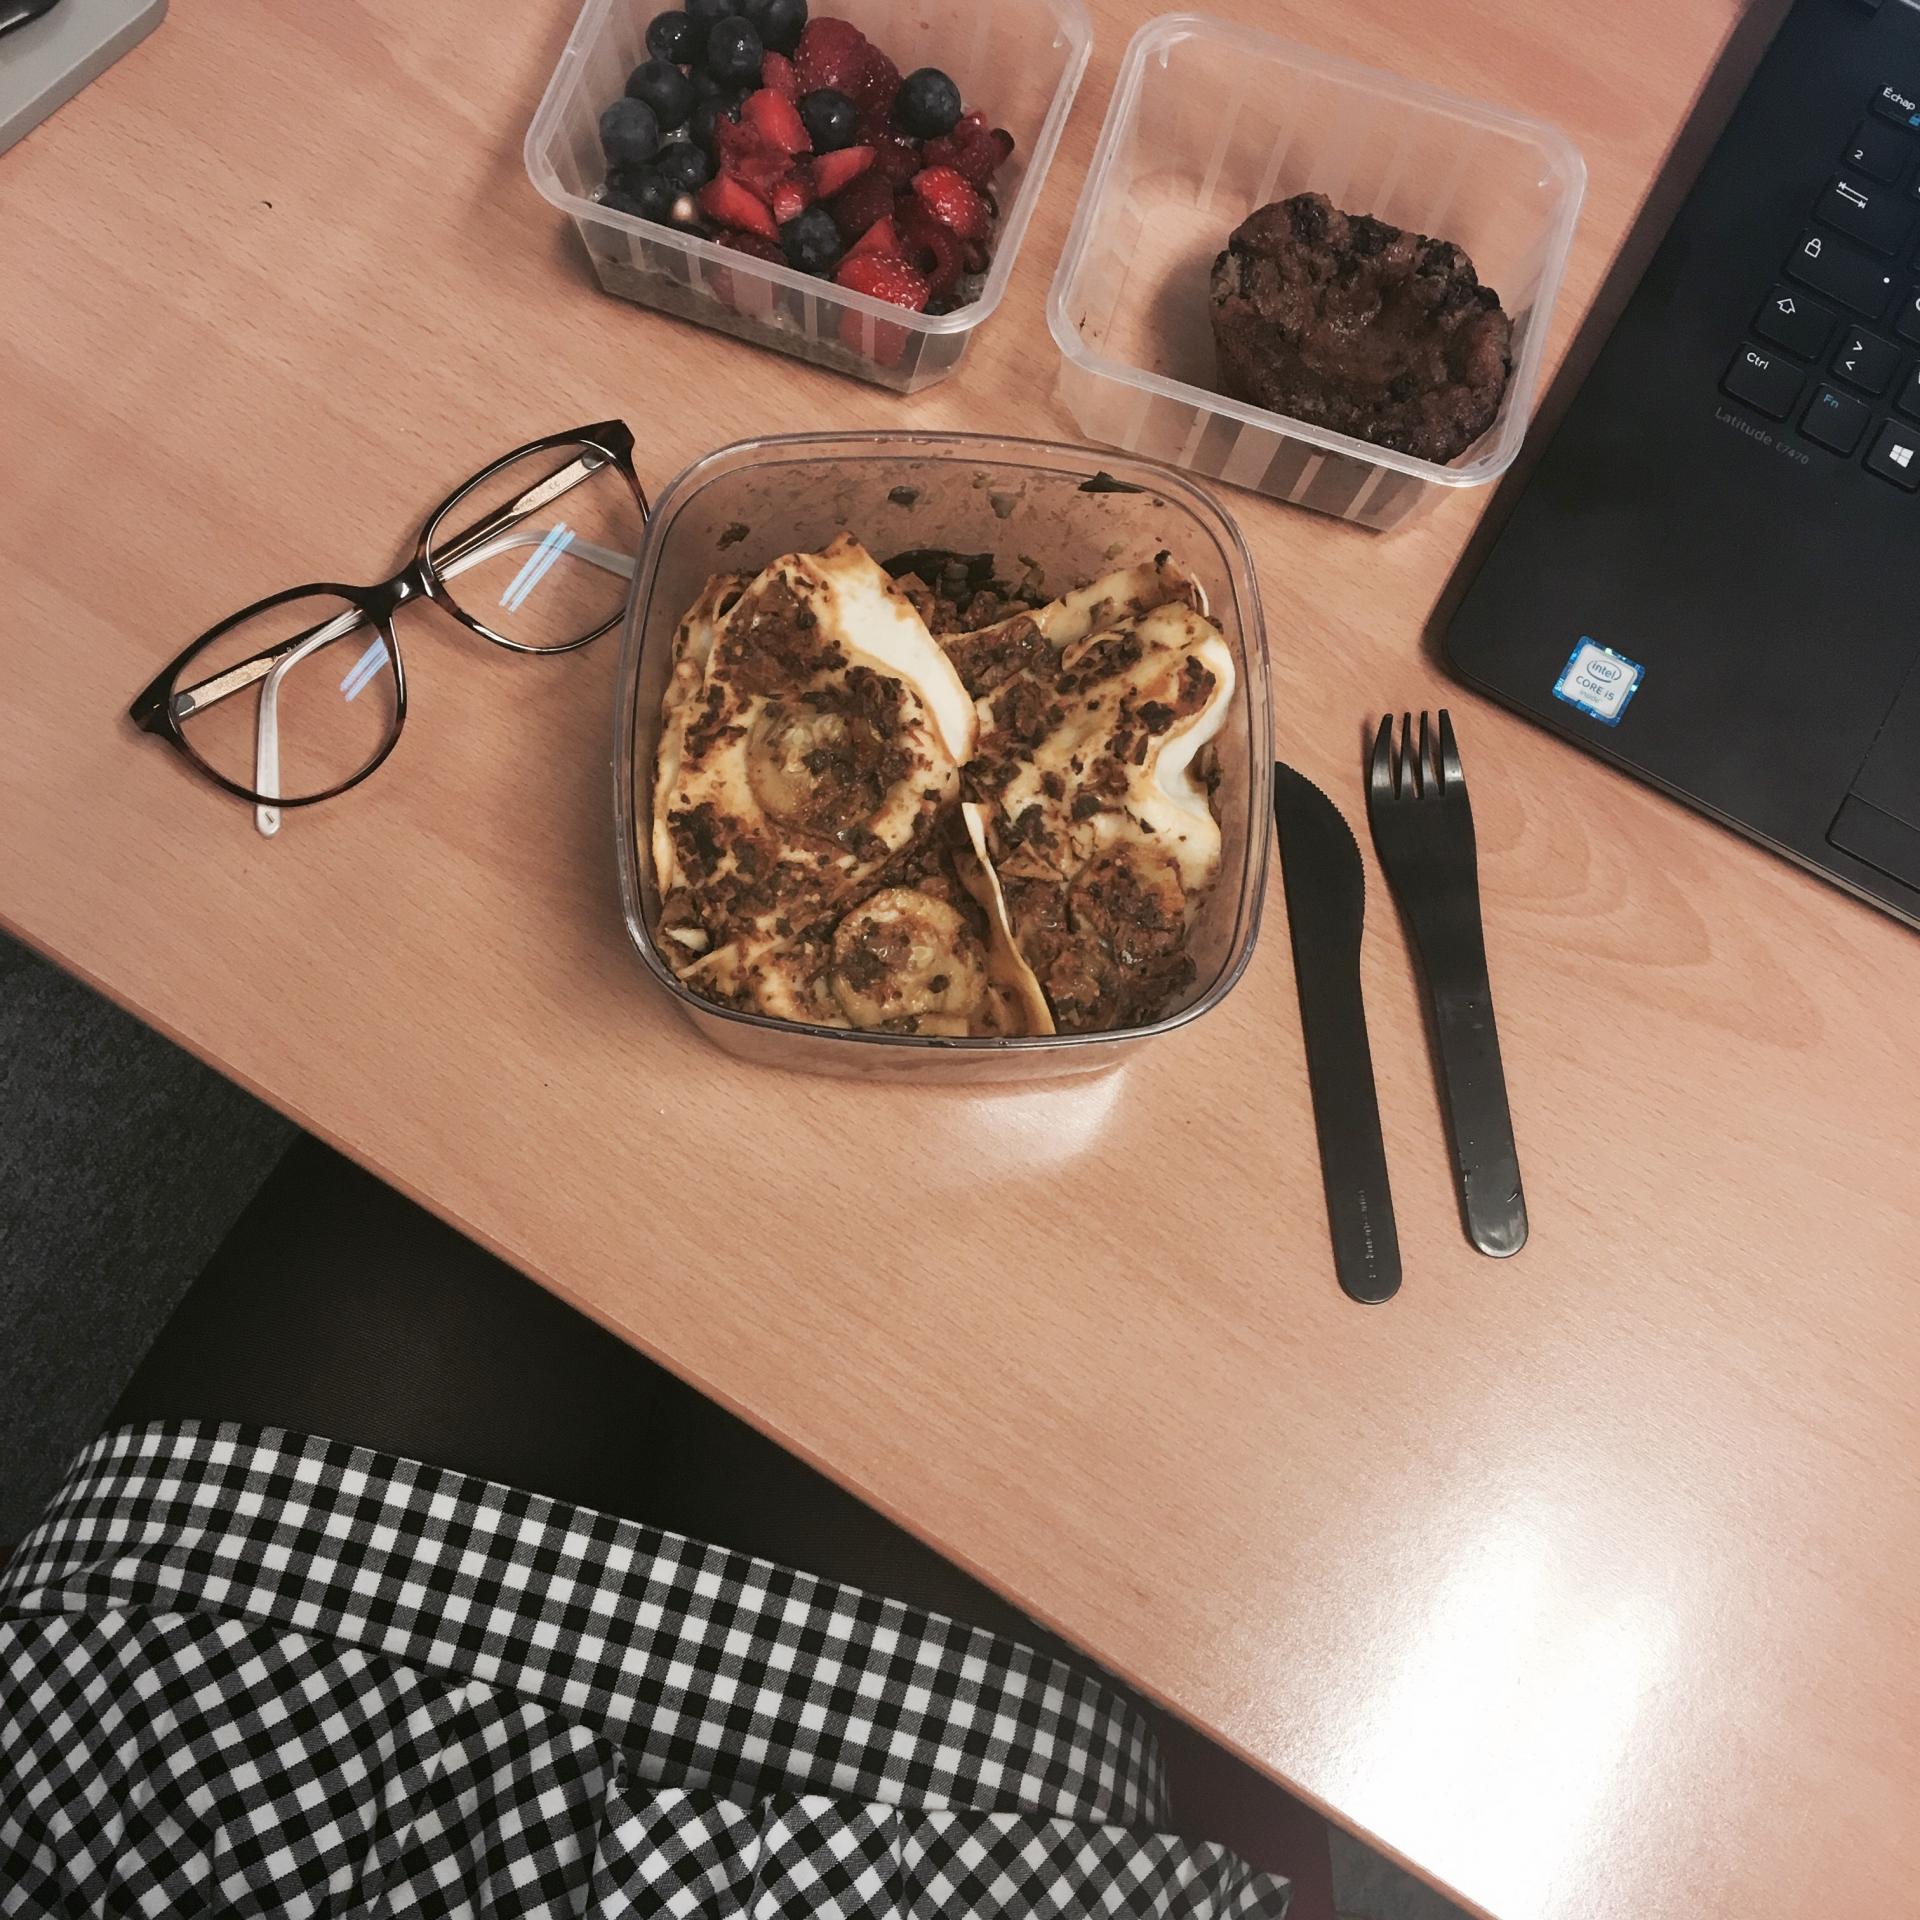 Une semaine dans mon assiette - Défi Vegan 7 jours 10